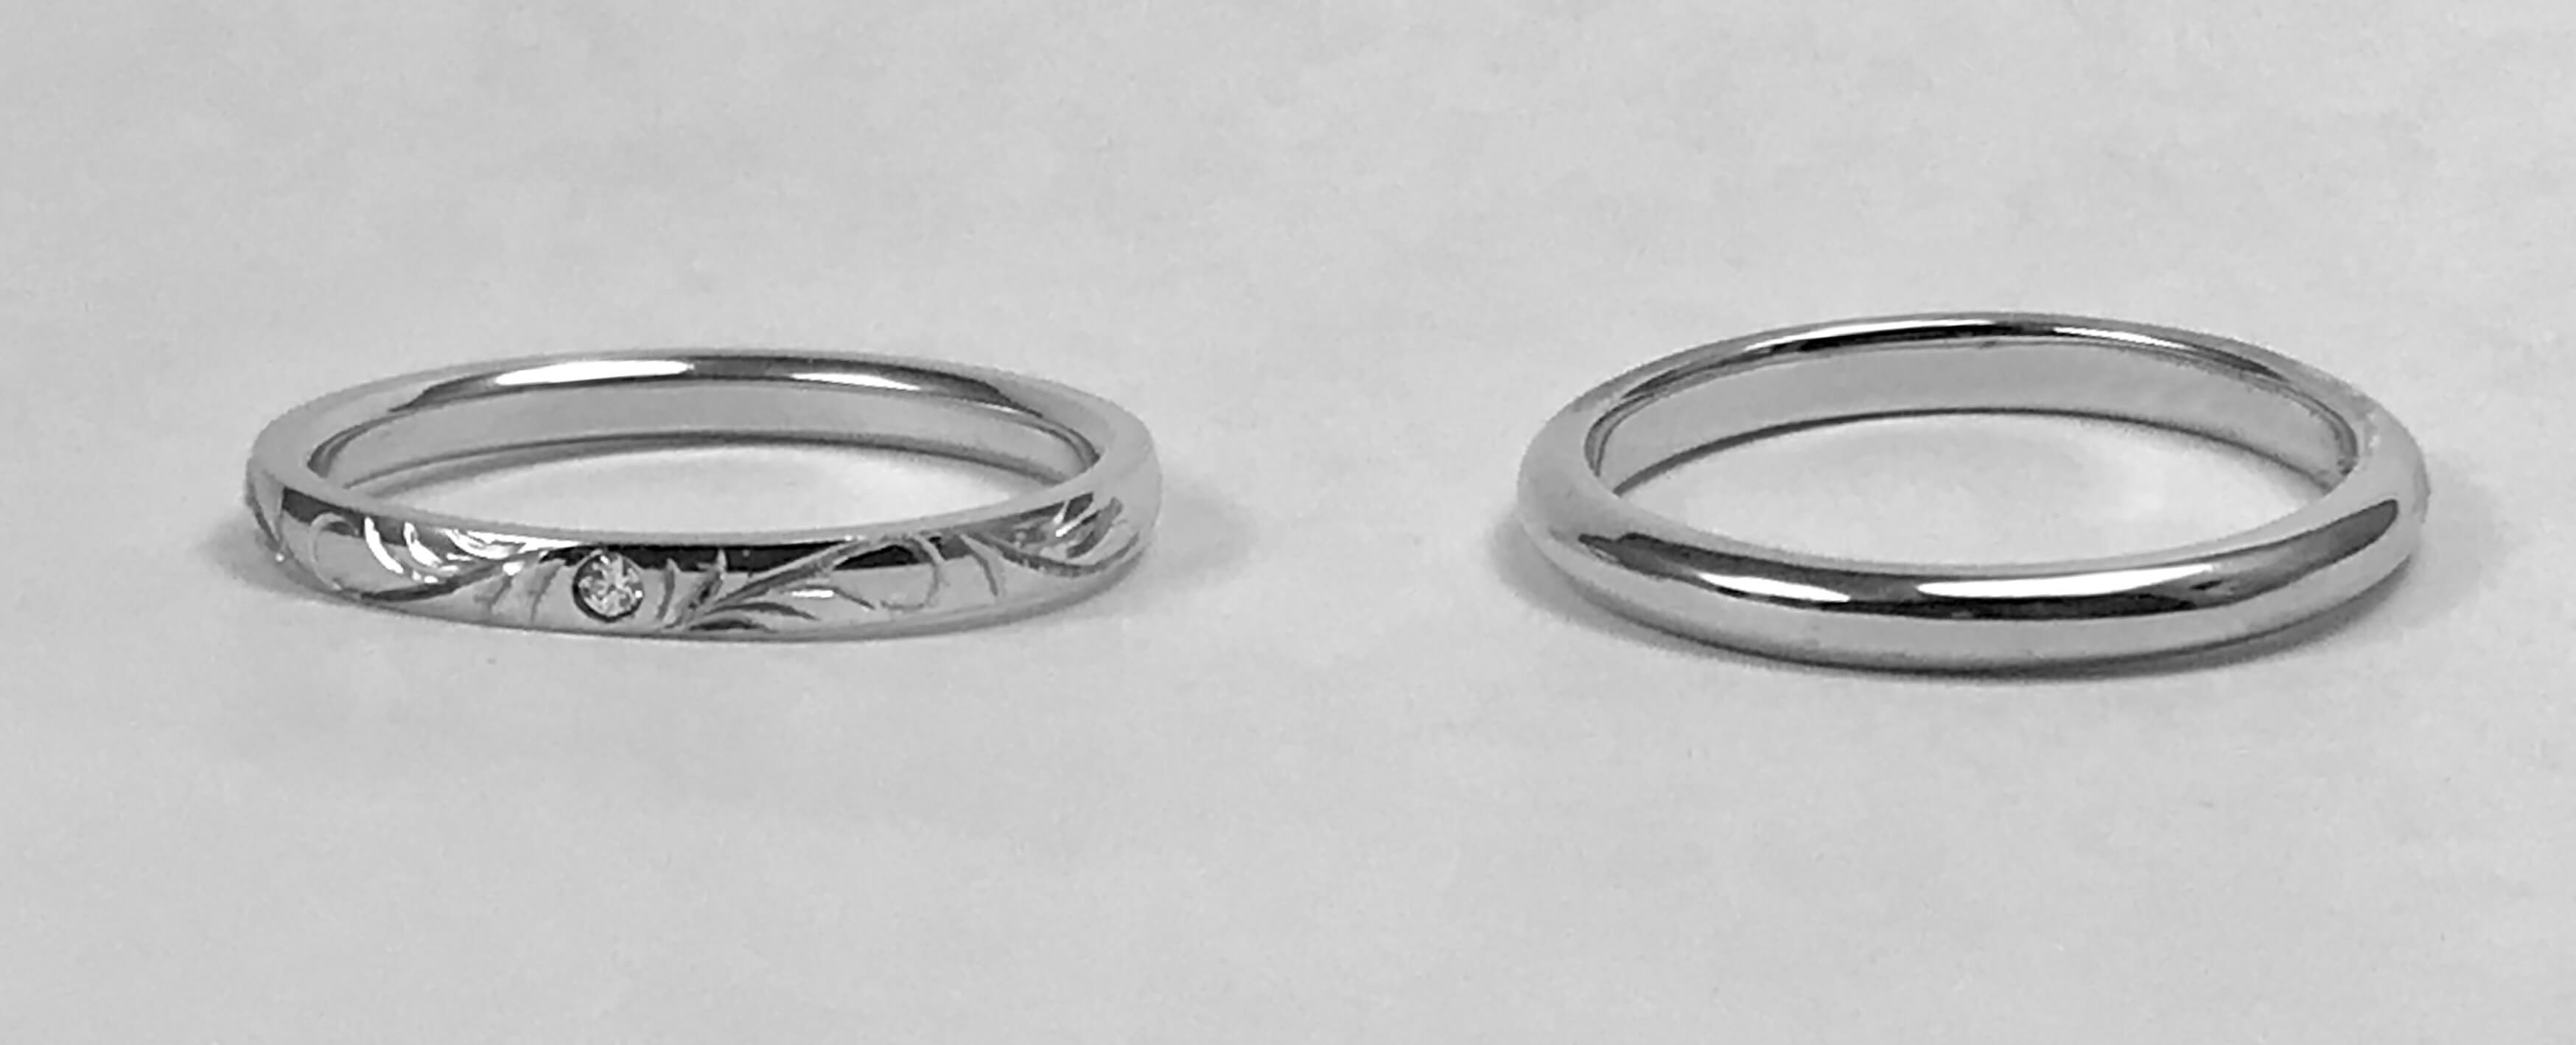 人気です、彫刻入りの結婚指輪